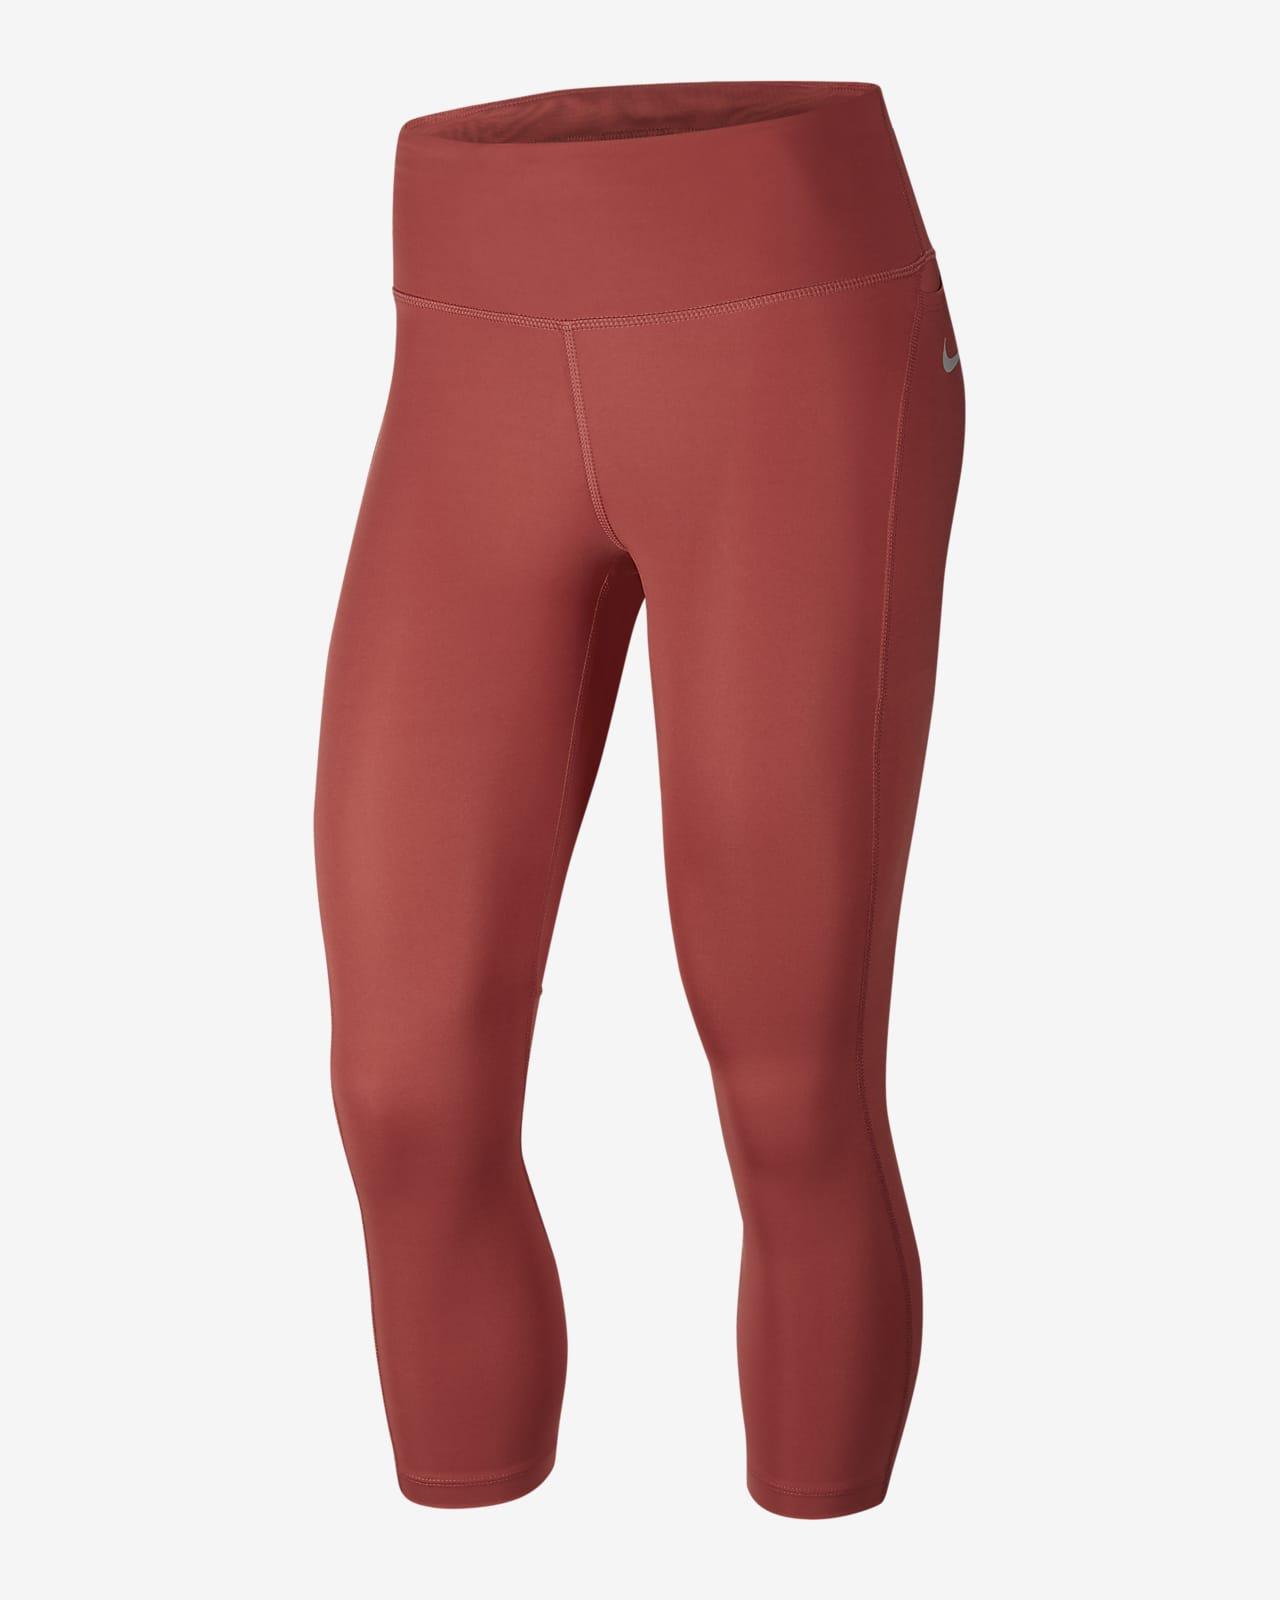 เลกกิ้งวิ่งเอวปานกลาง 5 ส่วนผู้หญิง Nike Epic Fast